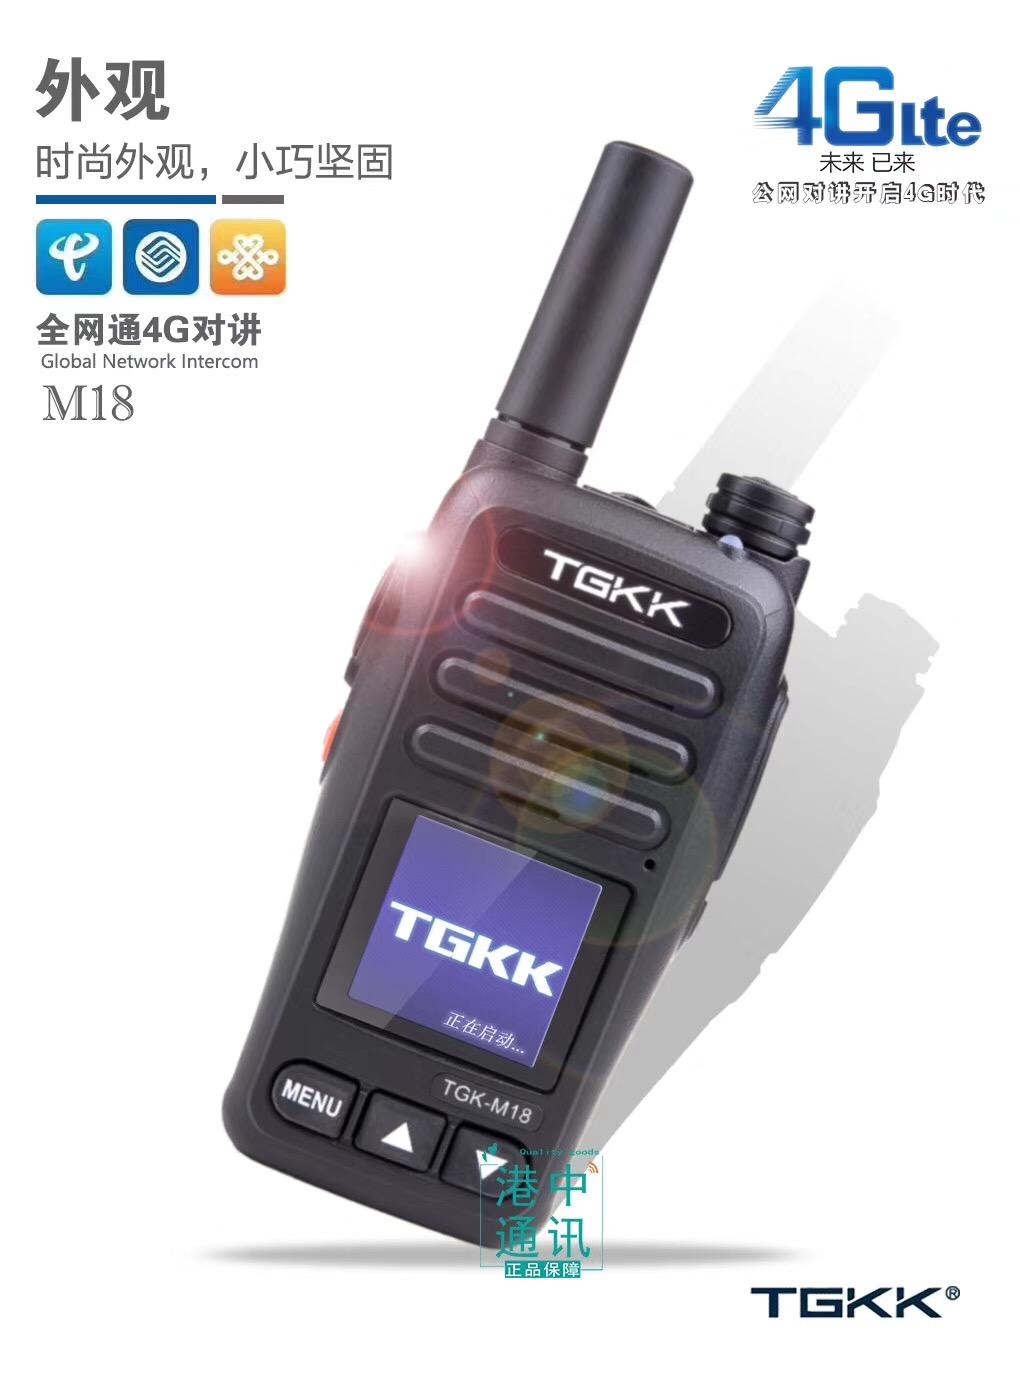 特锐特对讲机 TGKK-M18 4G插卡全国对讲机5800毫安待机3天 不限距离 车队罐车物流车队公交车队